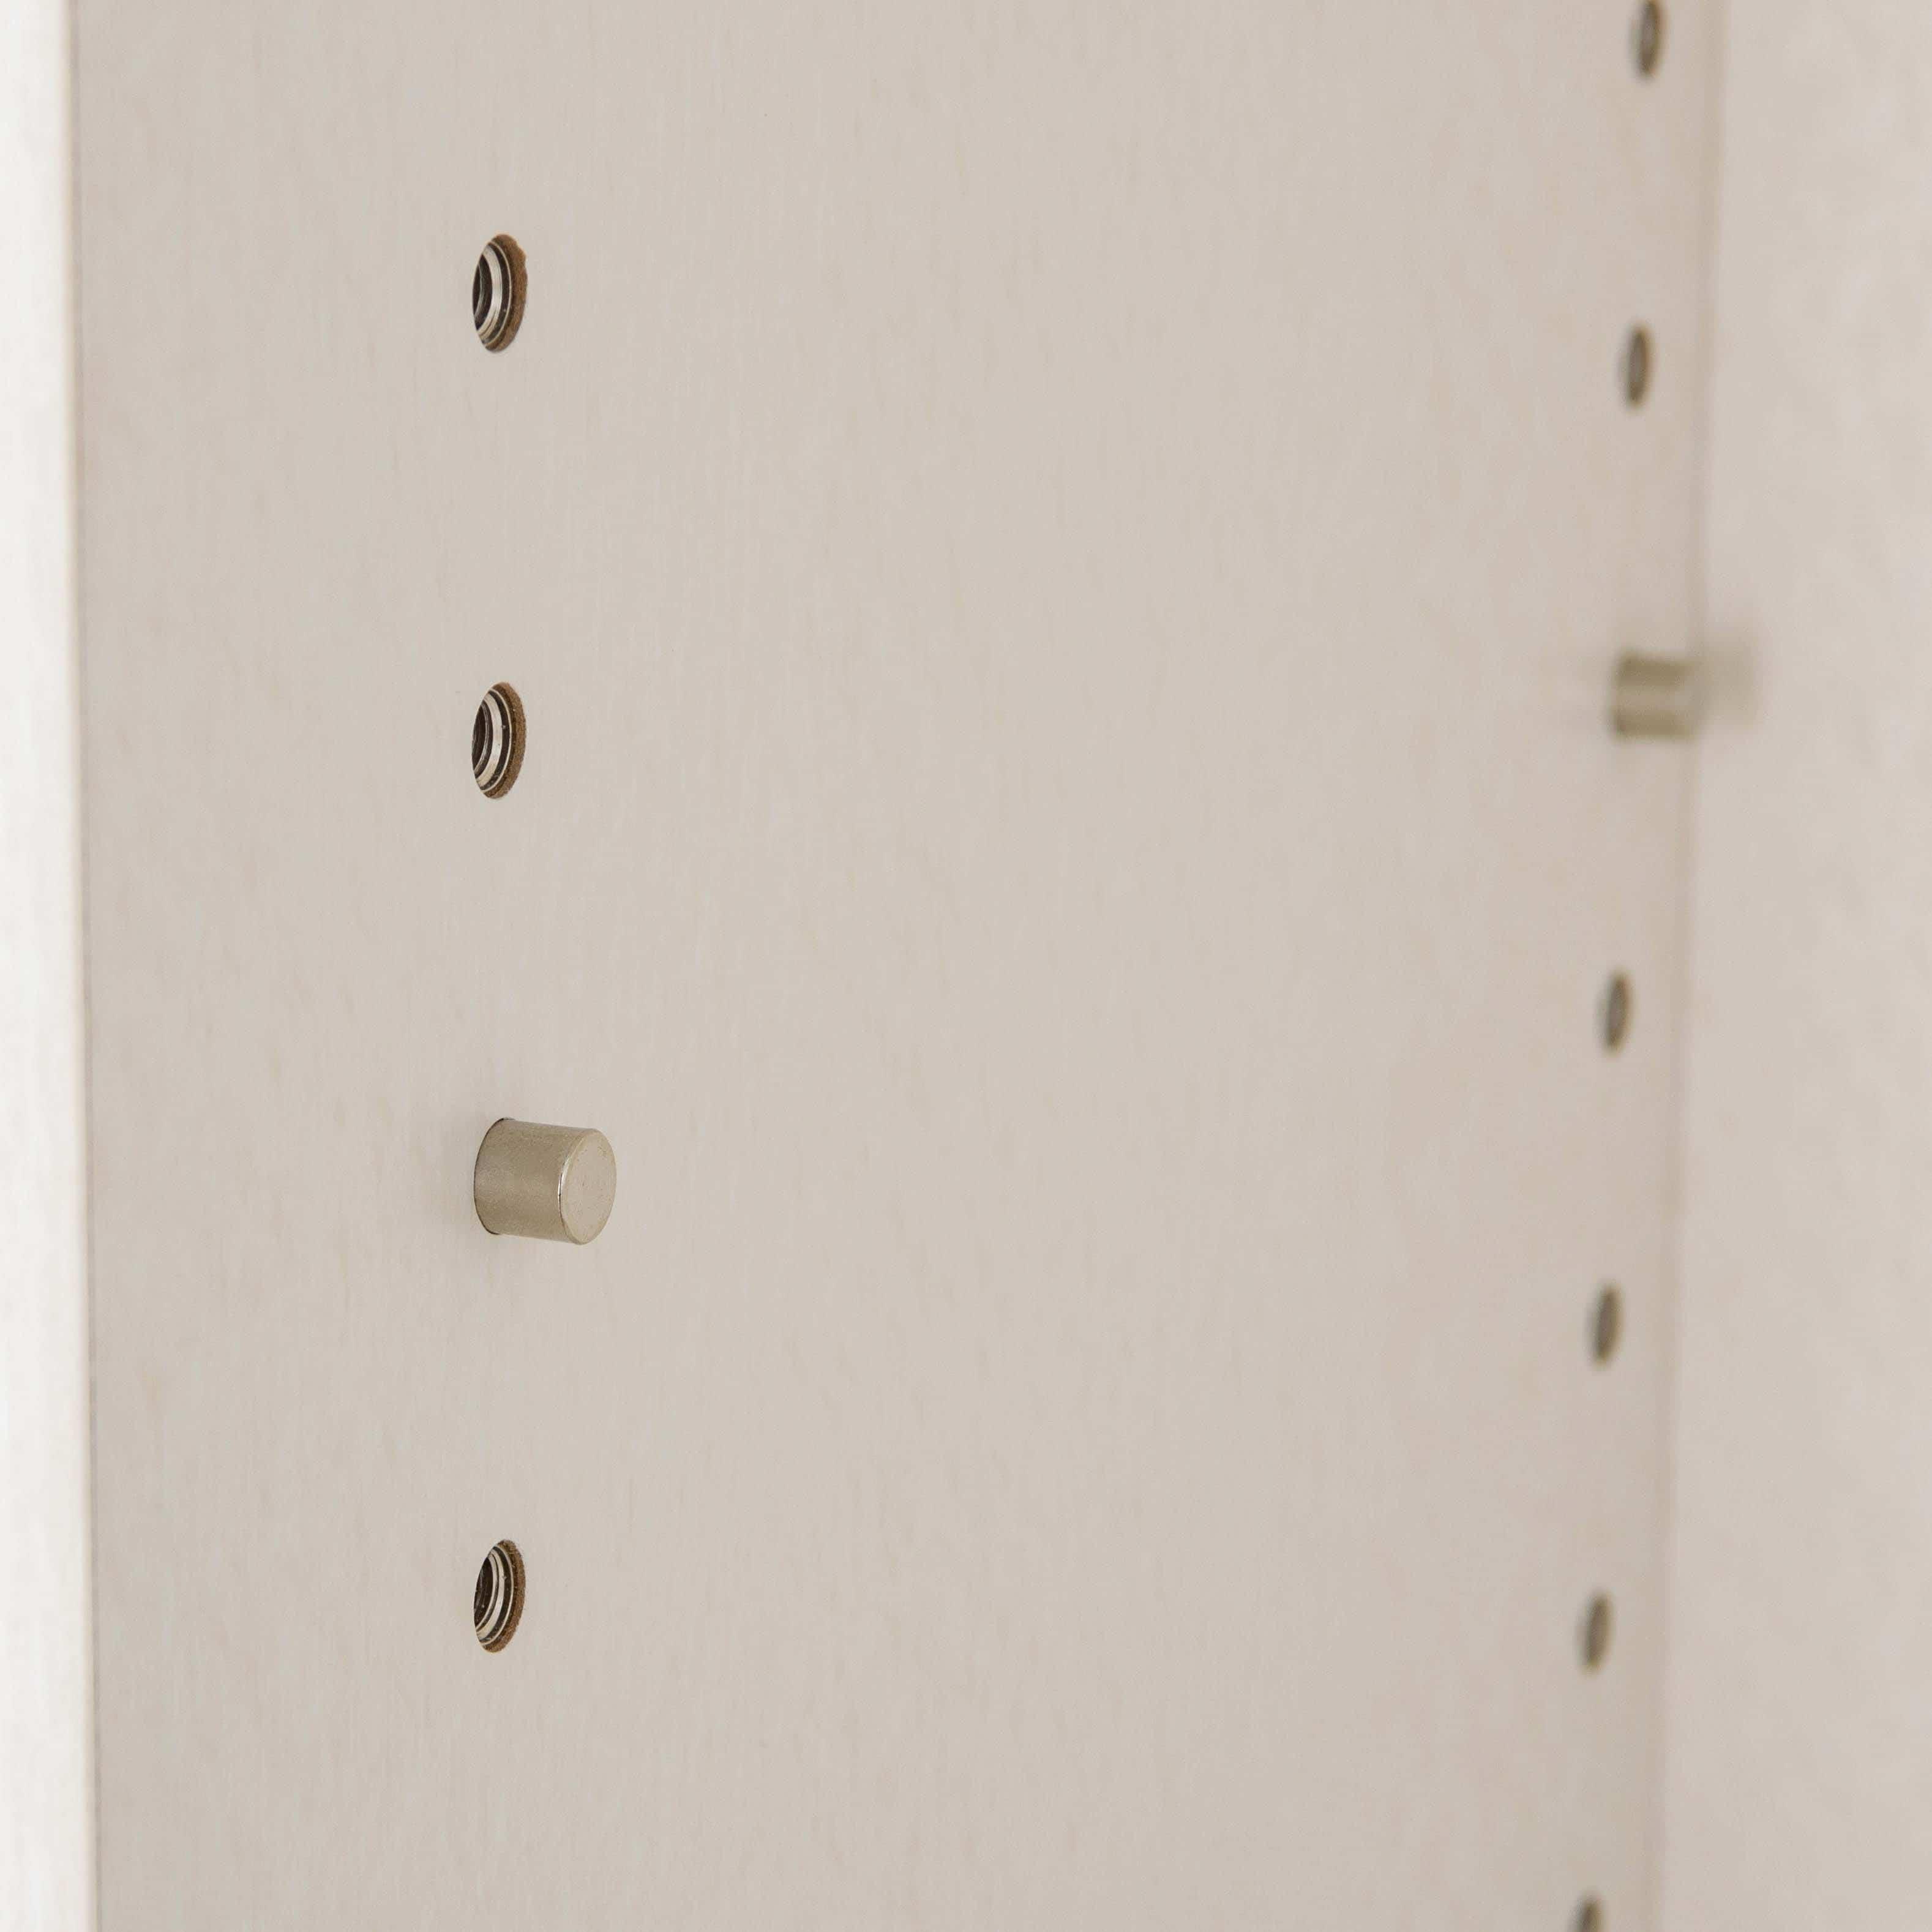 小島工芸 書棚 アコード55H(チェリーナチュラル):キレイに収まる魅せる収納